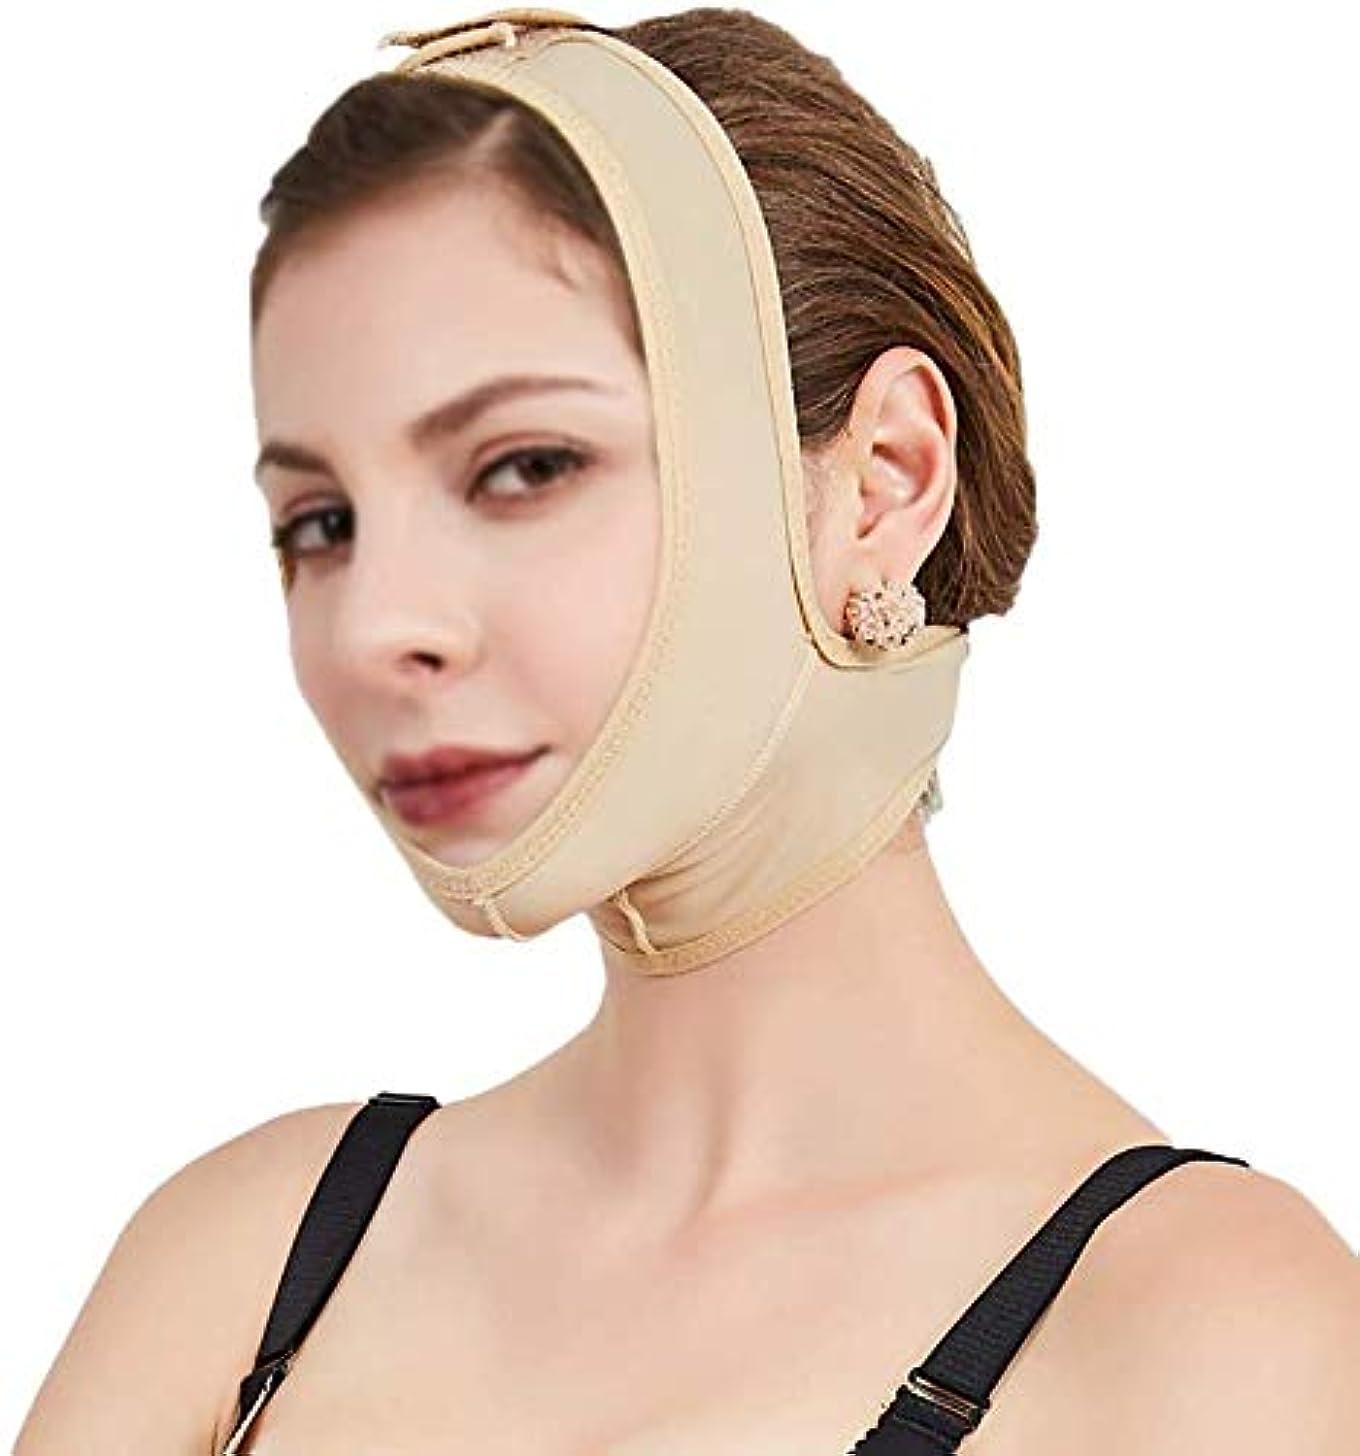 包帯まろやかな粘着性美しさと実用的な顔と首のリフトポストエラスティックスリーブ下顎骨セット顔アーティファクトV顔顔面バンドルダブルチンマスク(サイズ:L)